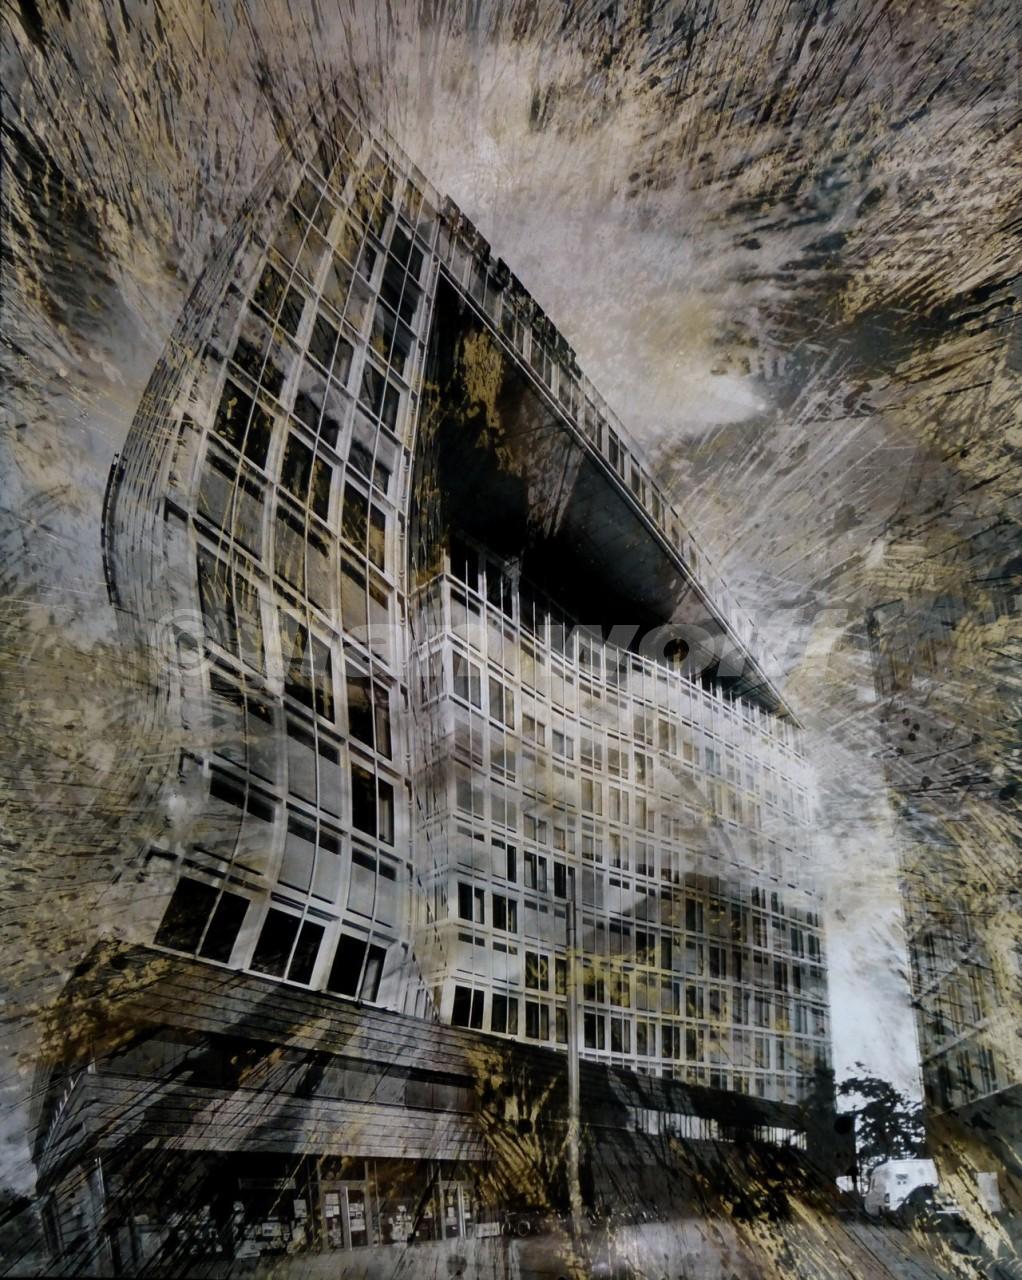 Der-Spiegel-2-Hamburg/2015/180x125cm